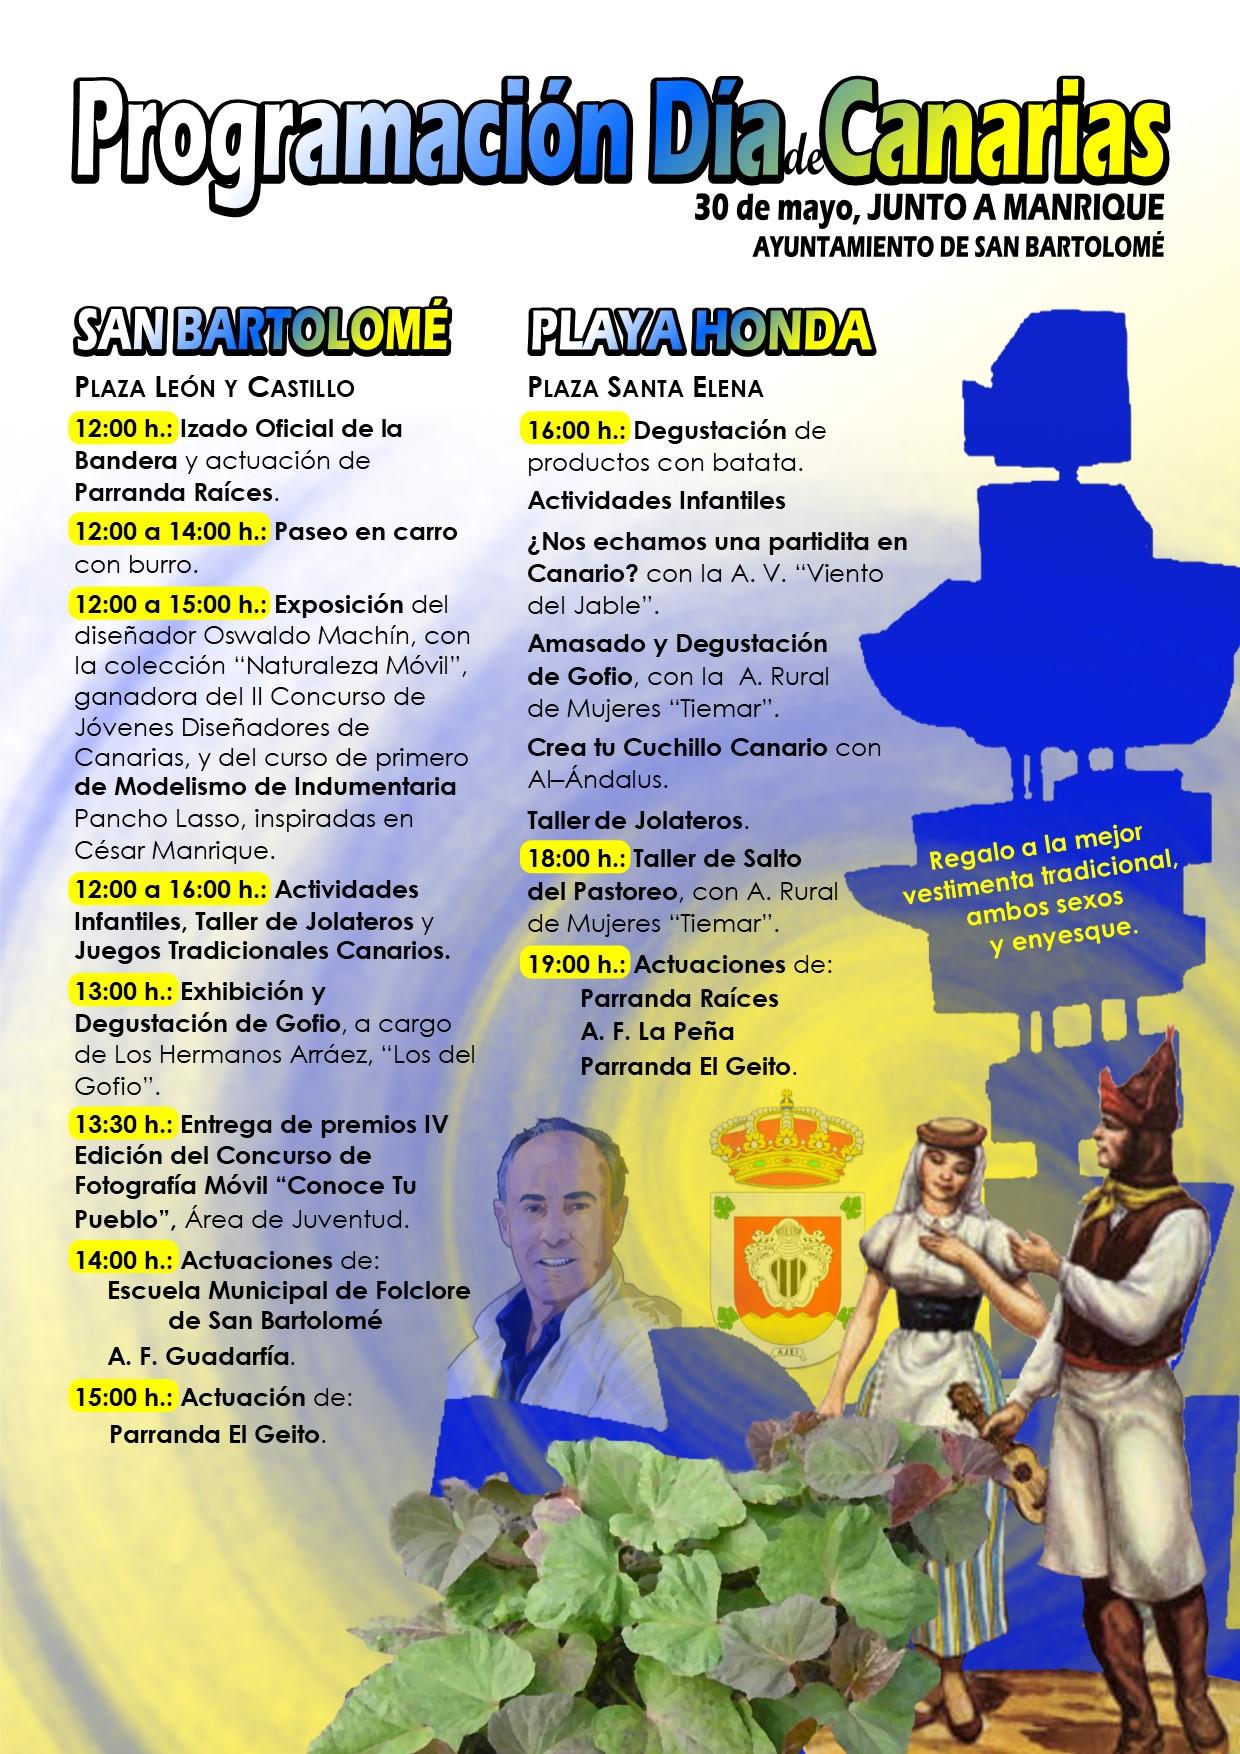 San Bartolomé celebra el Día de Canarias con una amplia programación para todos los públicos